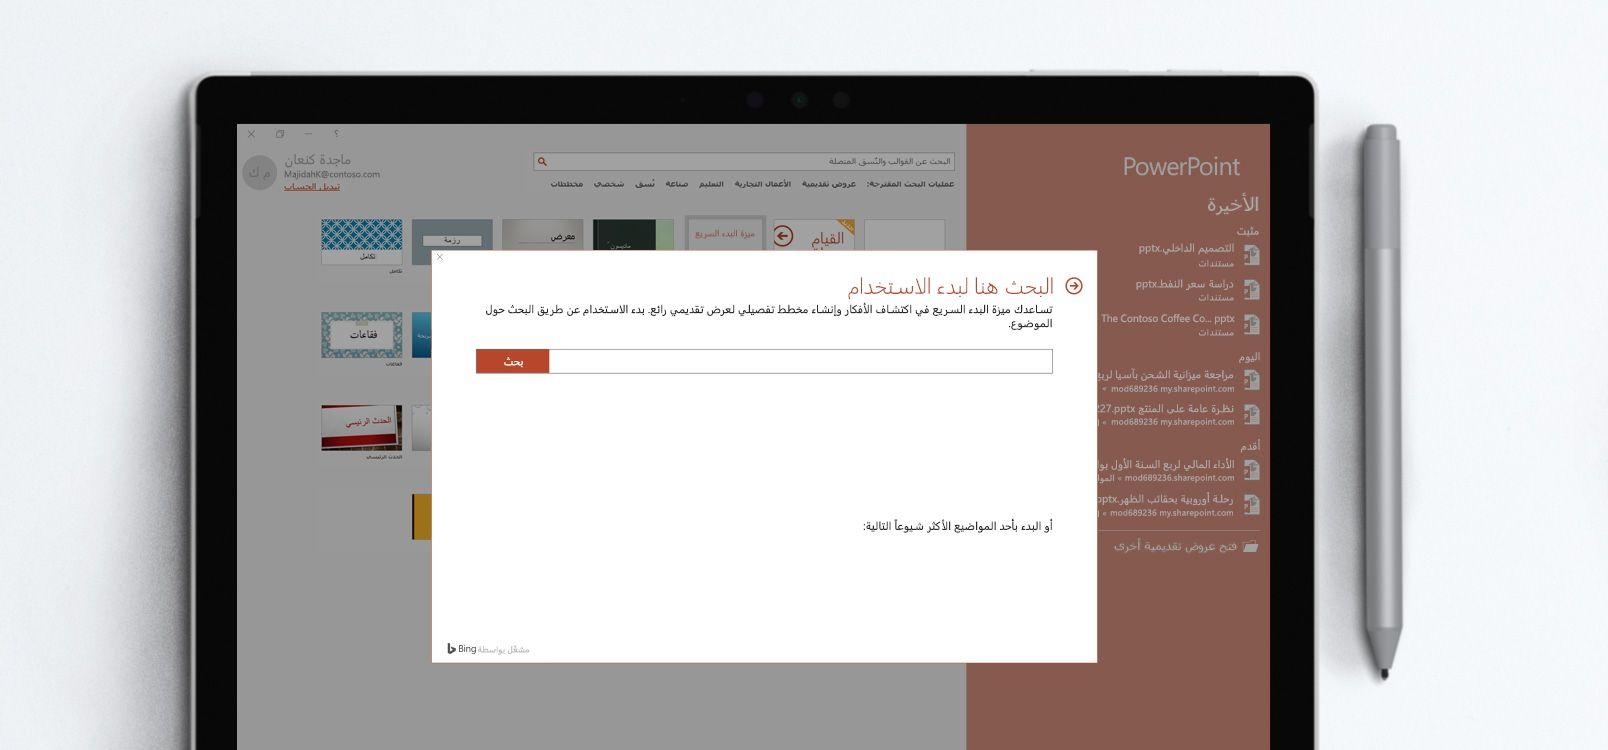 شاشة جهاز لوحي تعرض مستند PowerPoint يستخدم ميزة البدء السريع